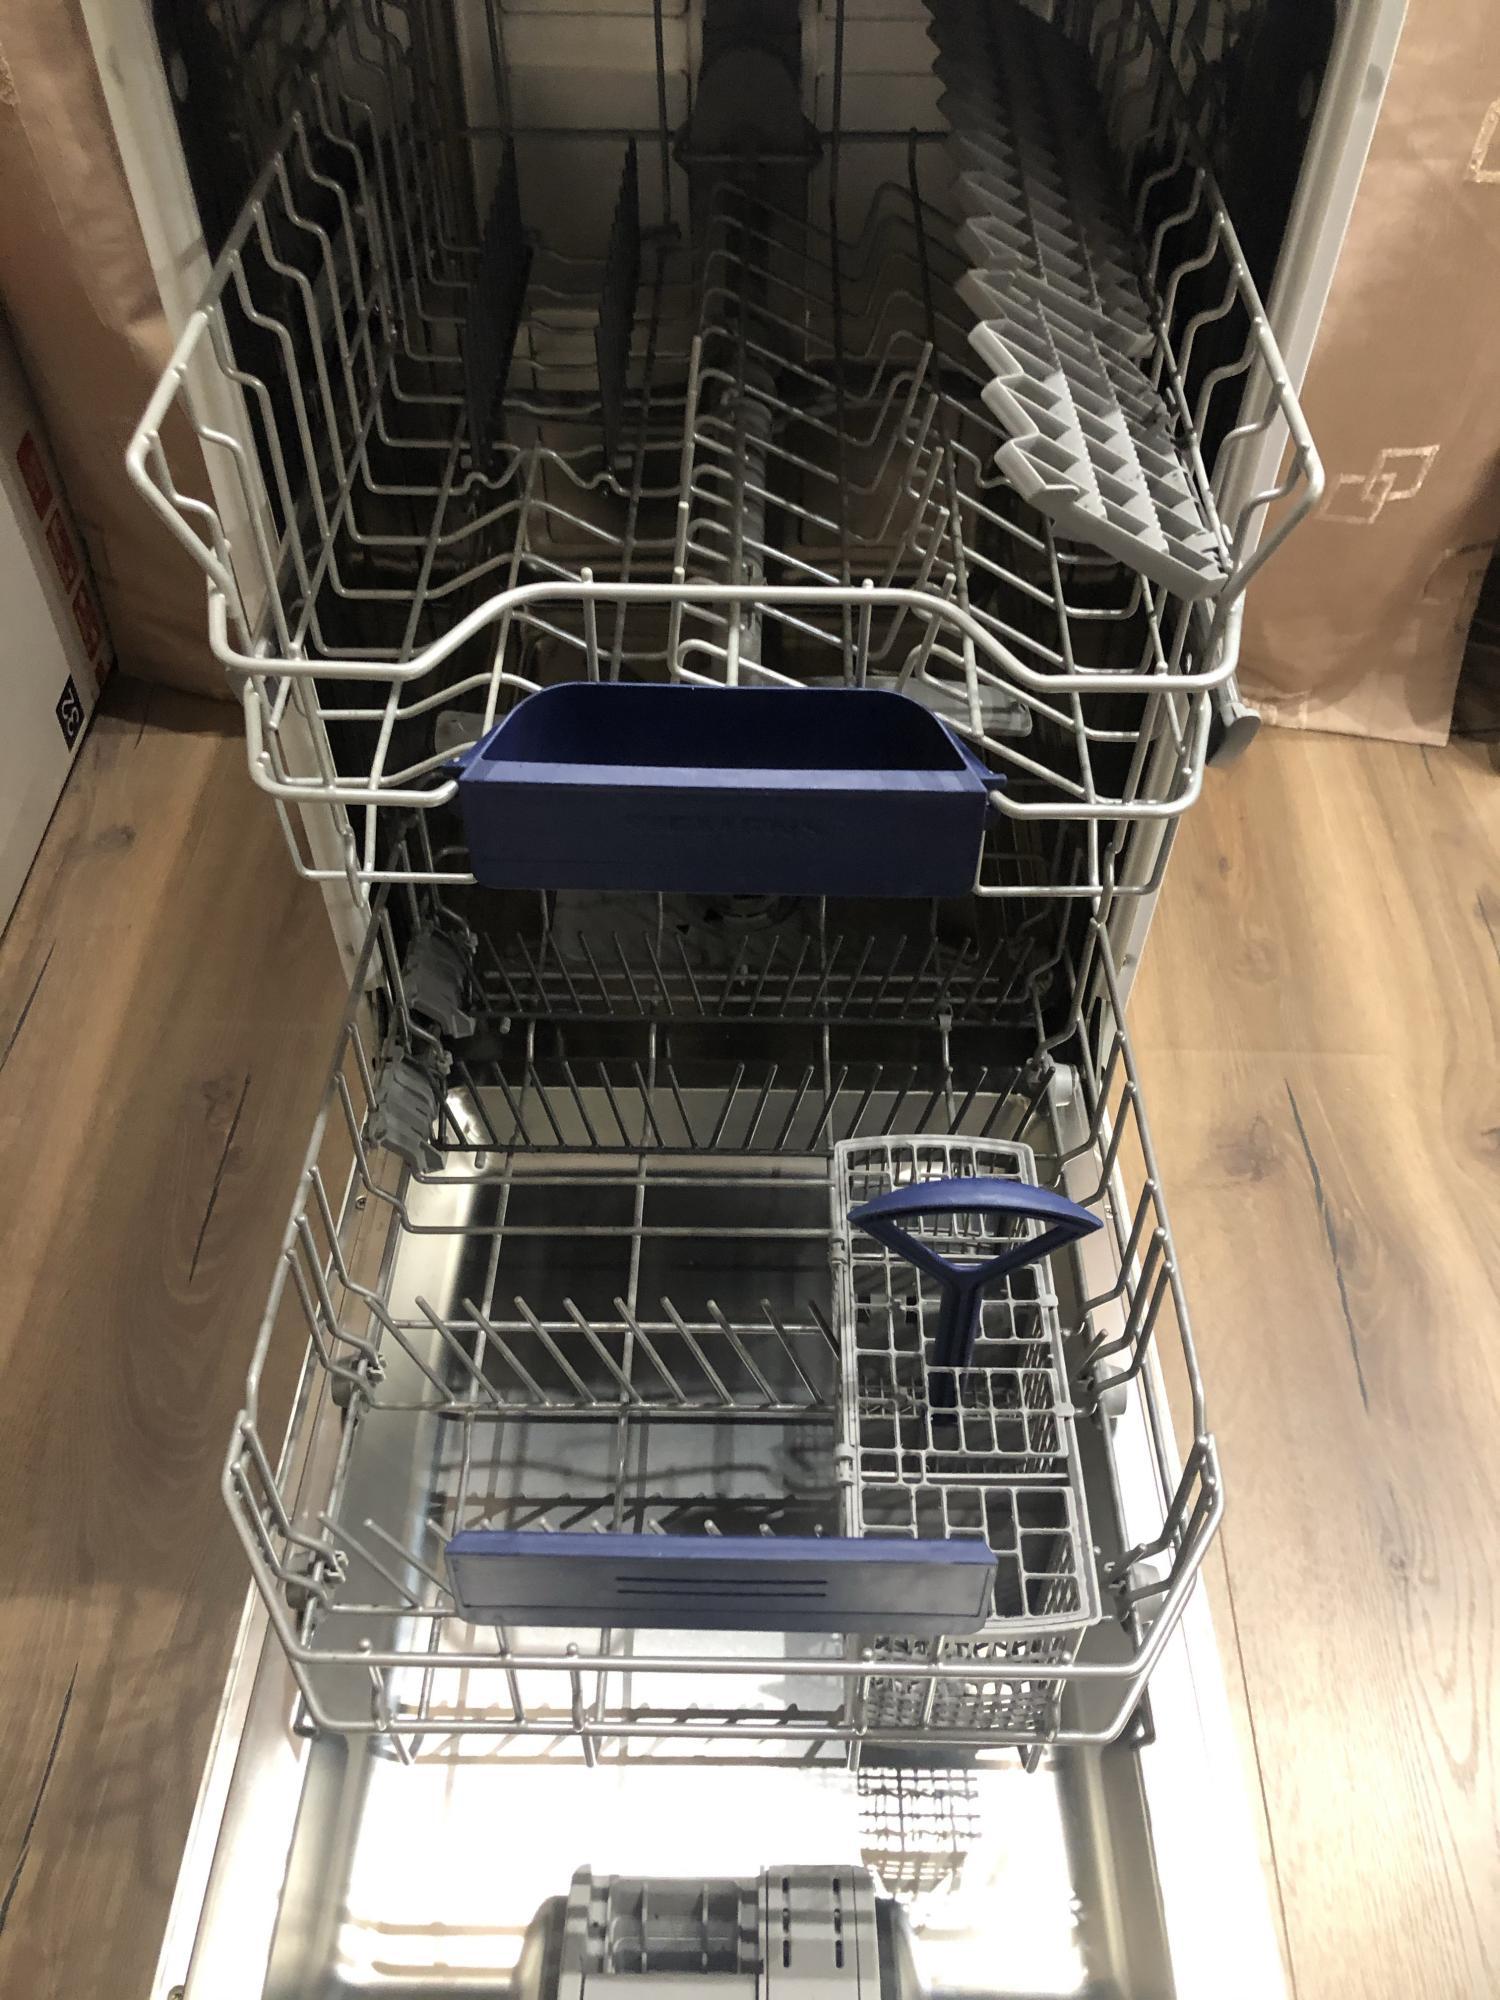 Посудомоечная машина Siemens в Москве 89859558775 купить 4